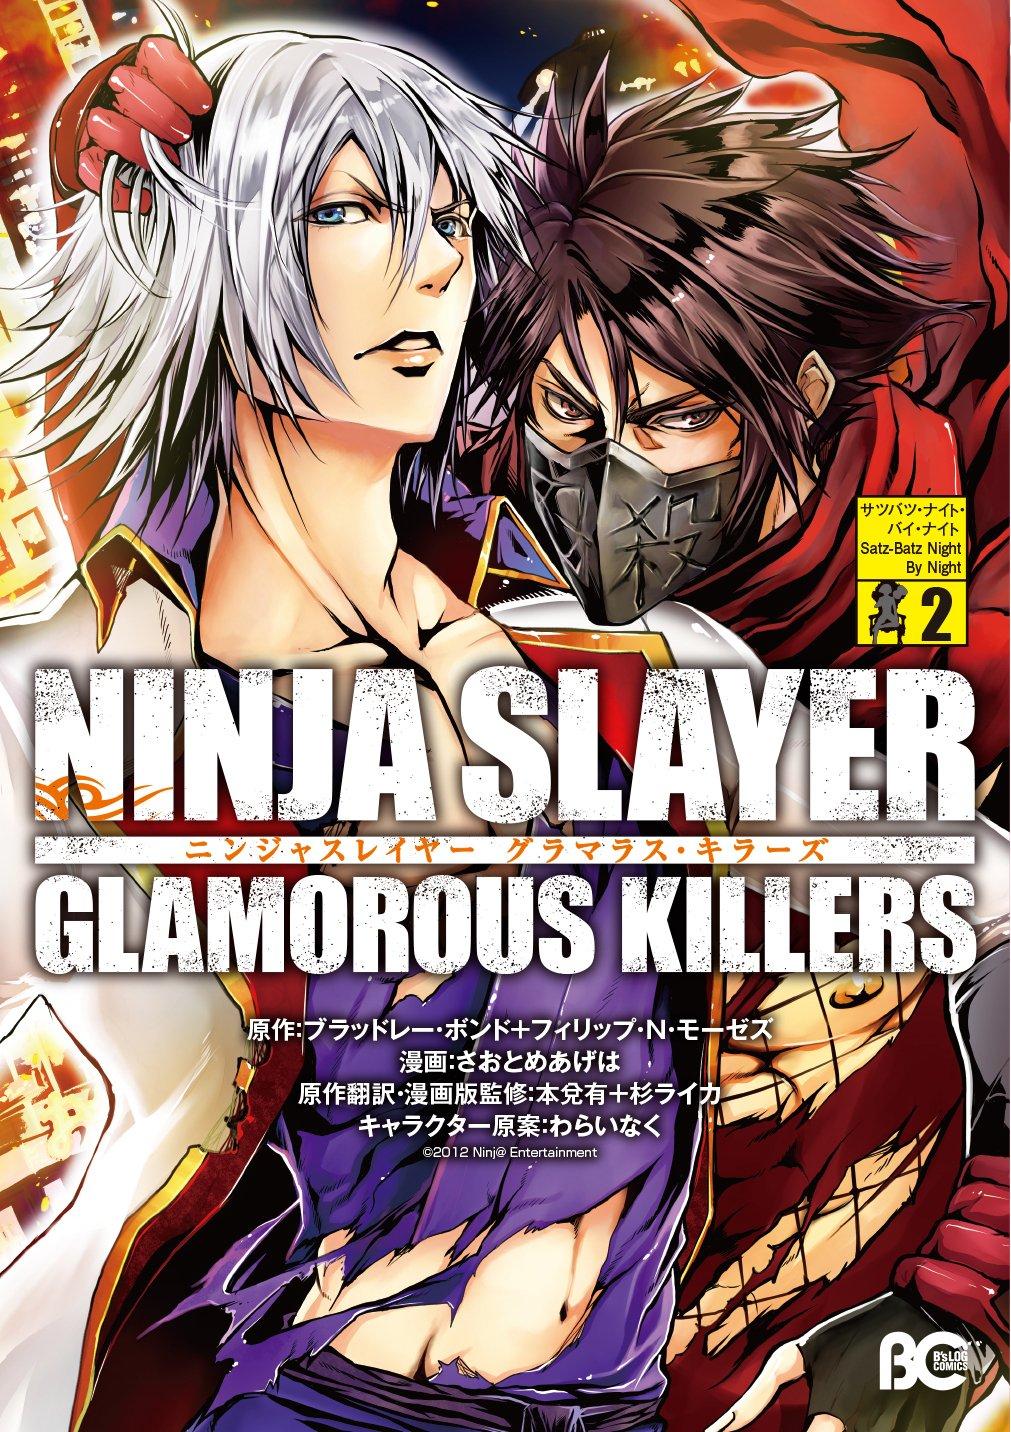 Ninja sureiya guramarasu kirazu. 2 Satsubatsu naito bai ...